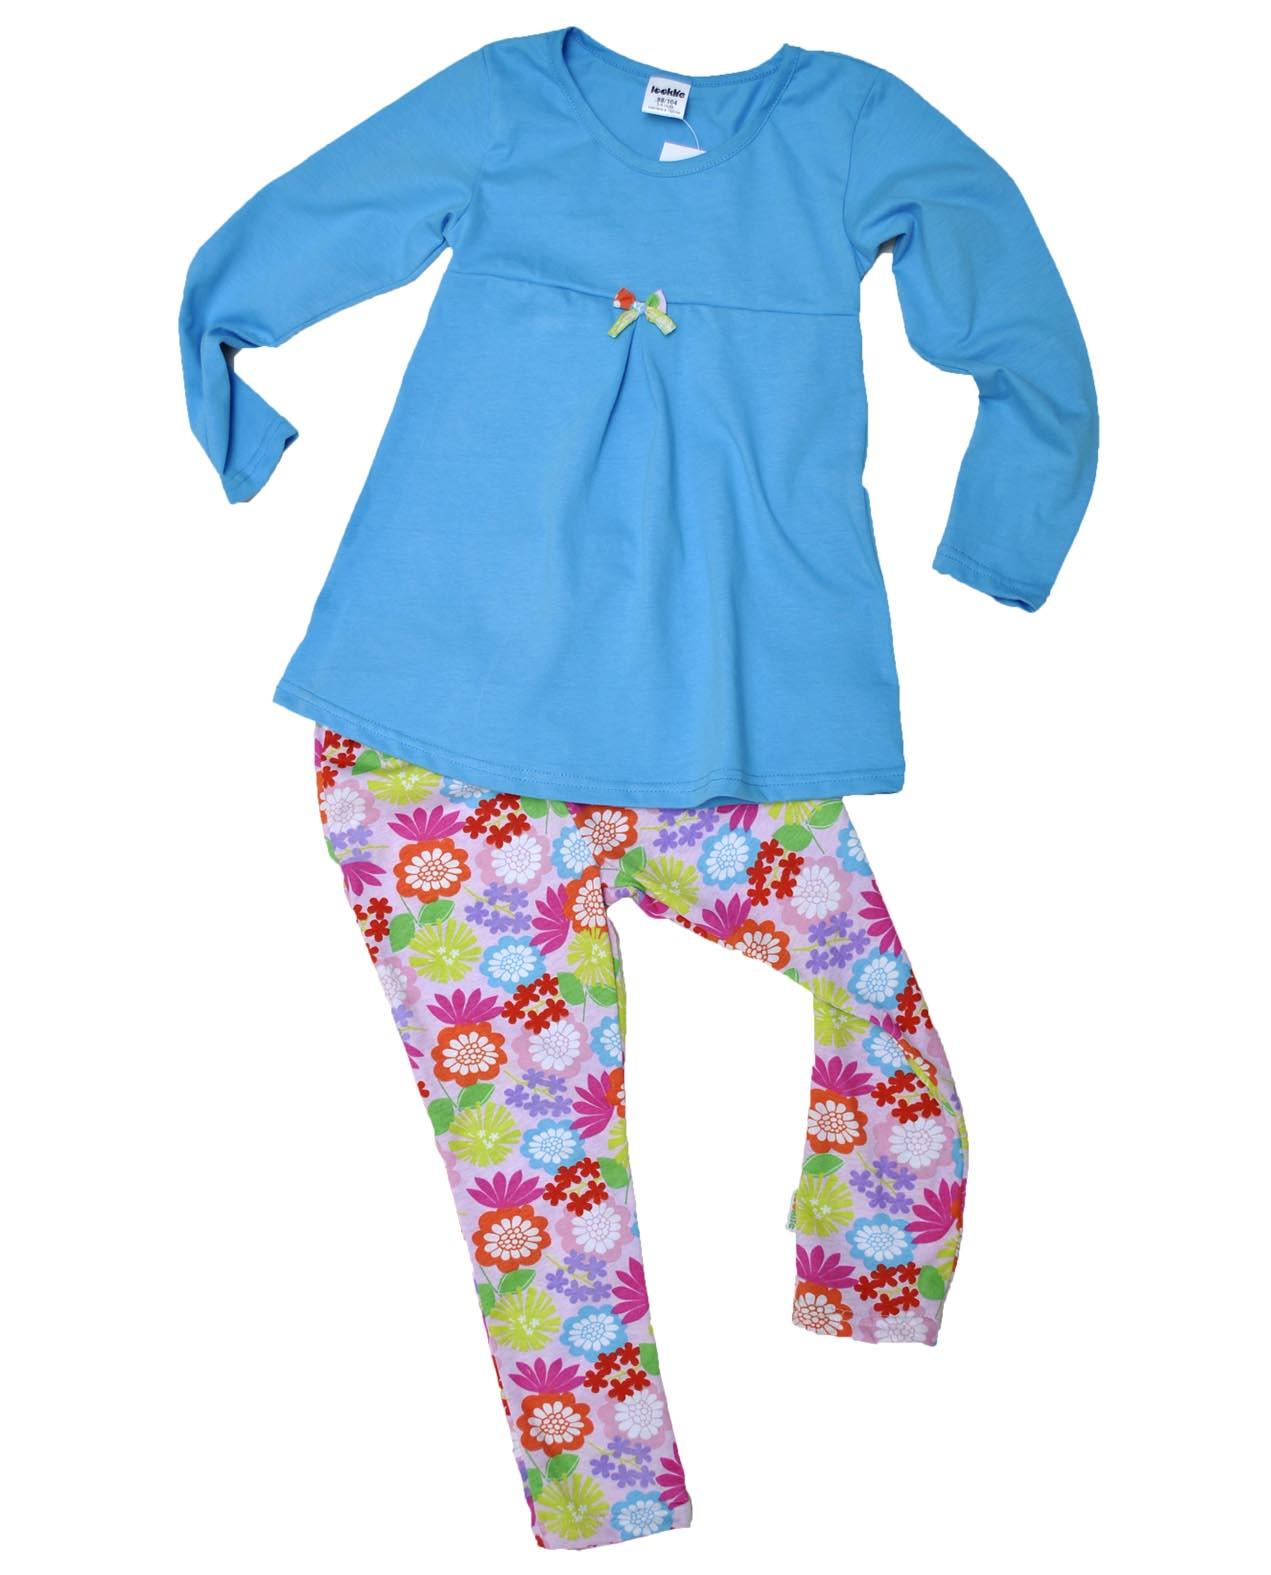 Модная одежка Looklie - 7. Яркие коллекции, небольшой тираж. Без рядов. Гарантия по цвету. Экпресс сбор